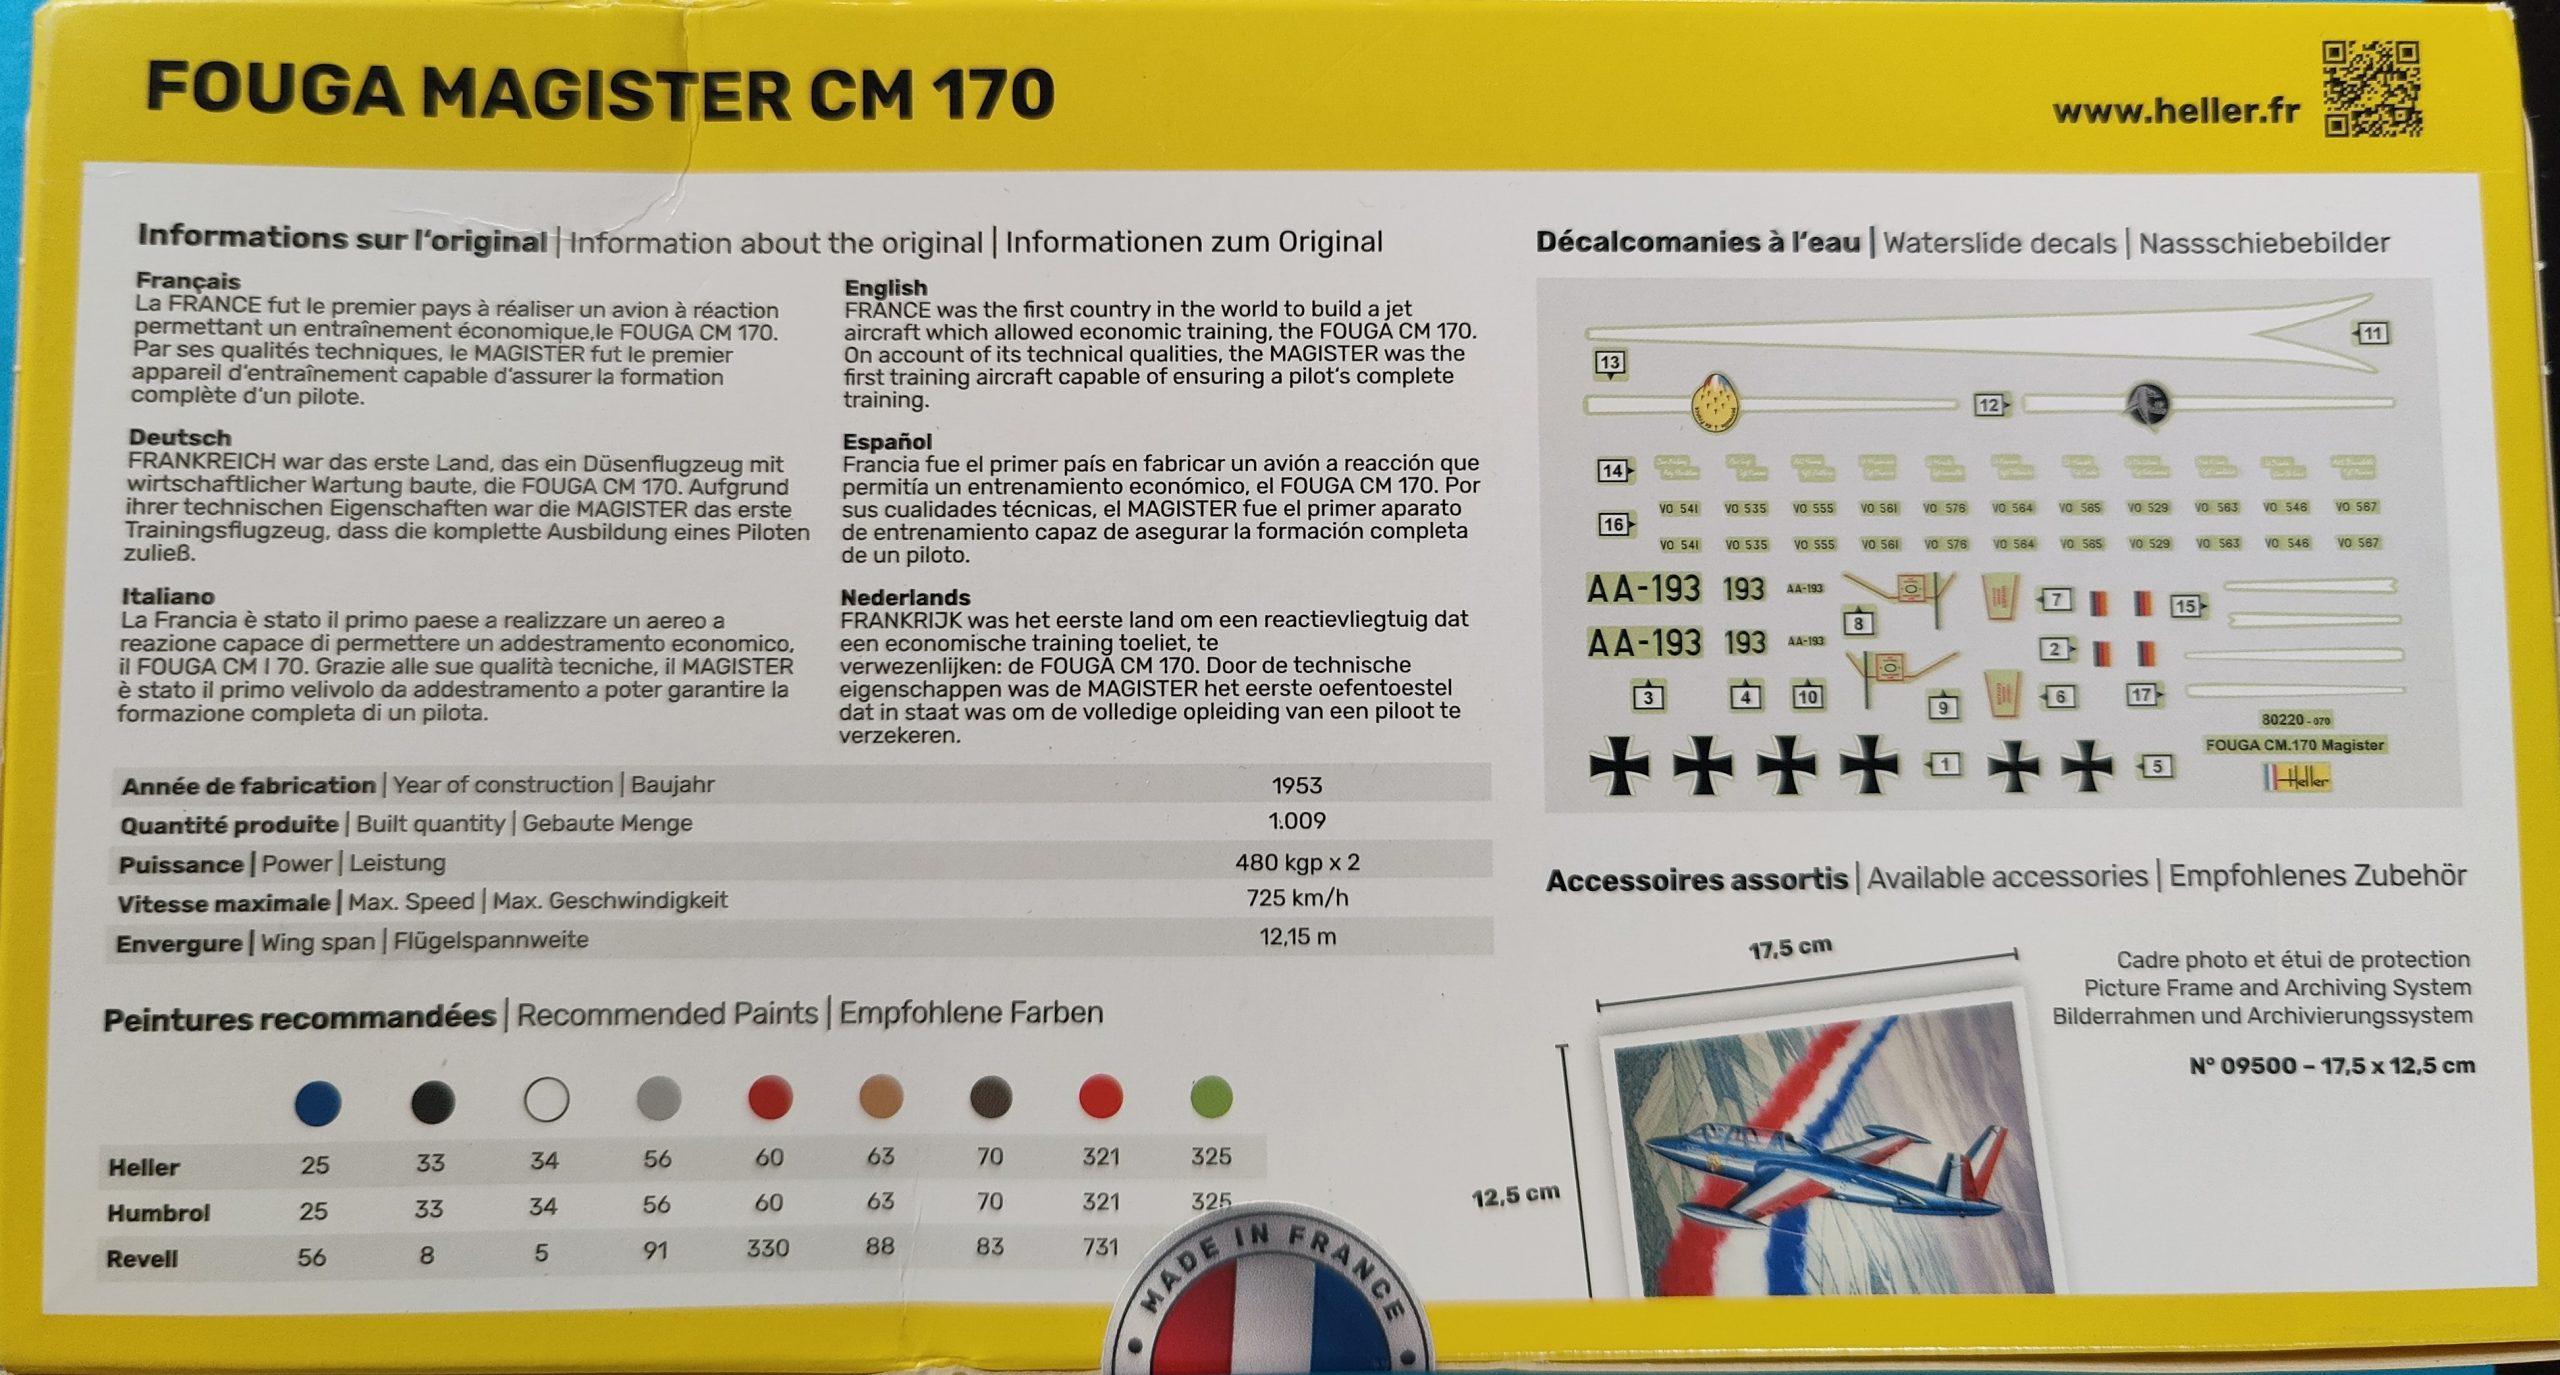 Heller_magister002-scaled Heller Fouga Magister CM 170 in 1:72